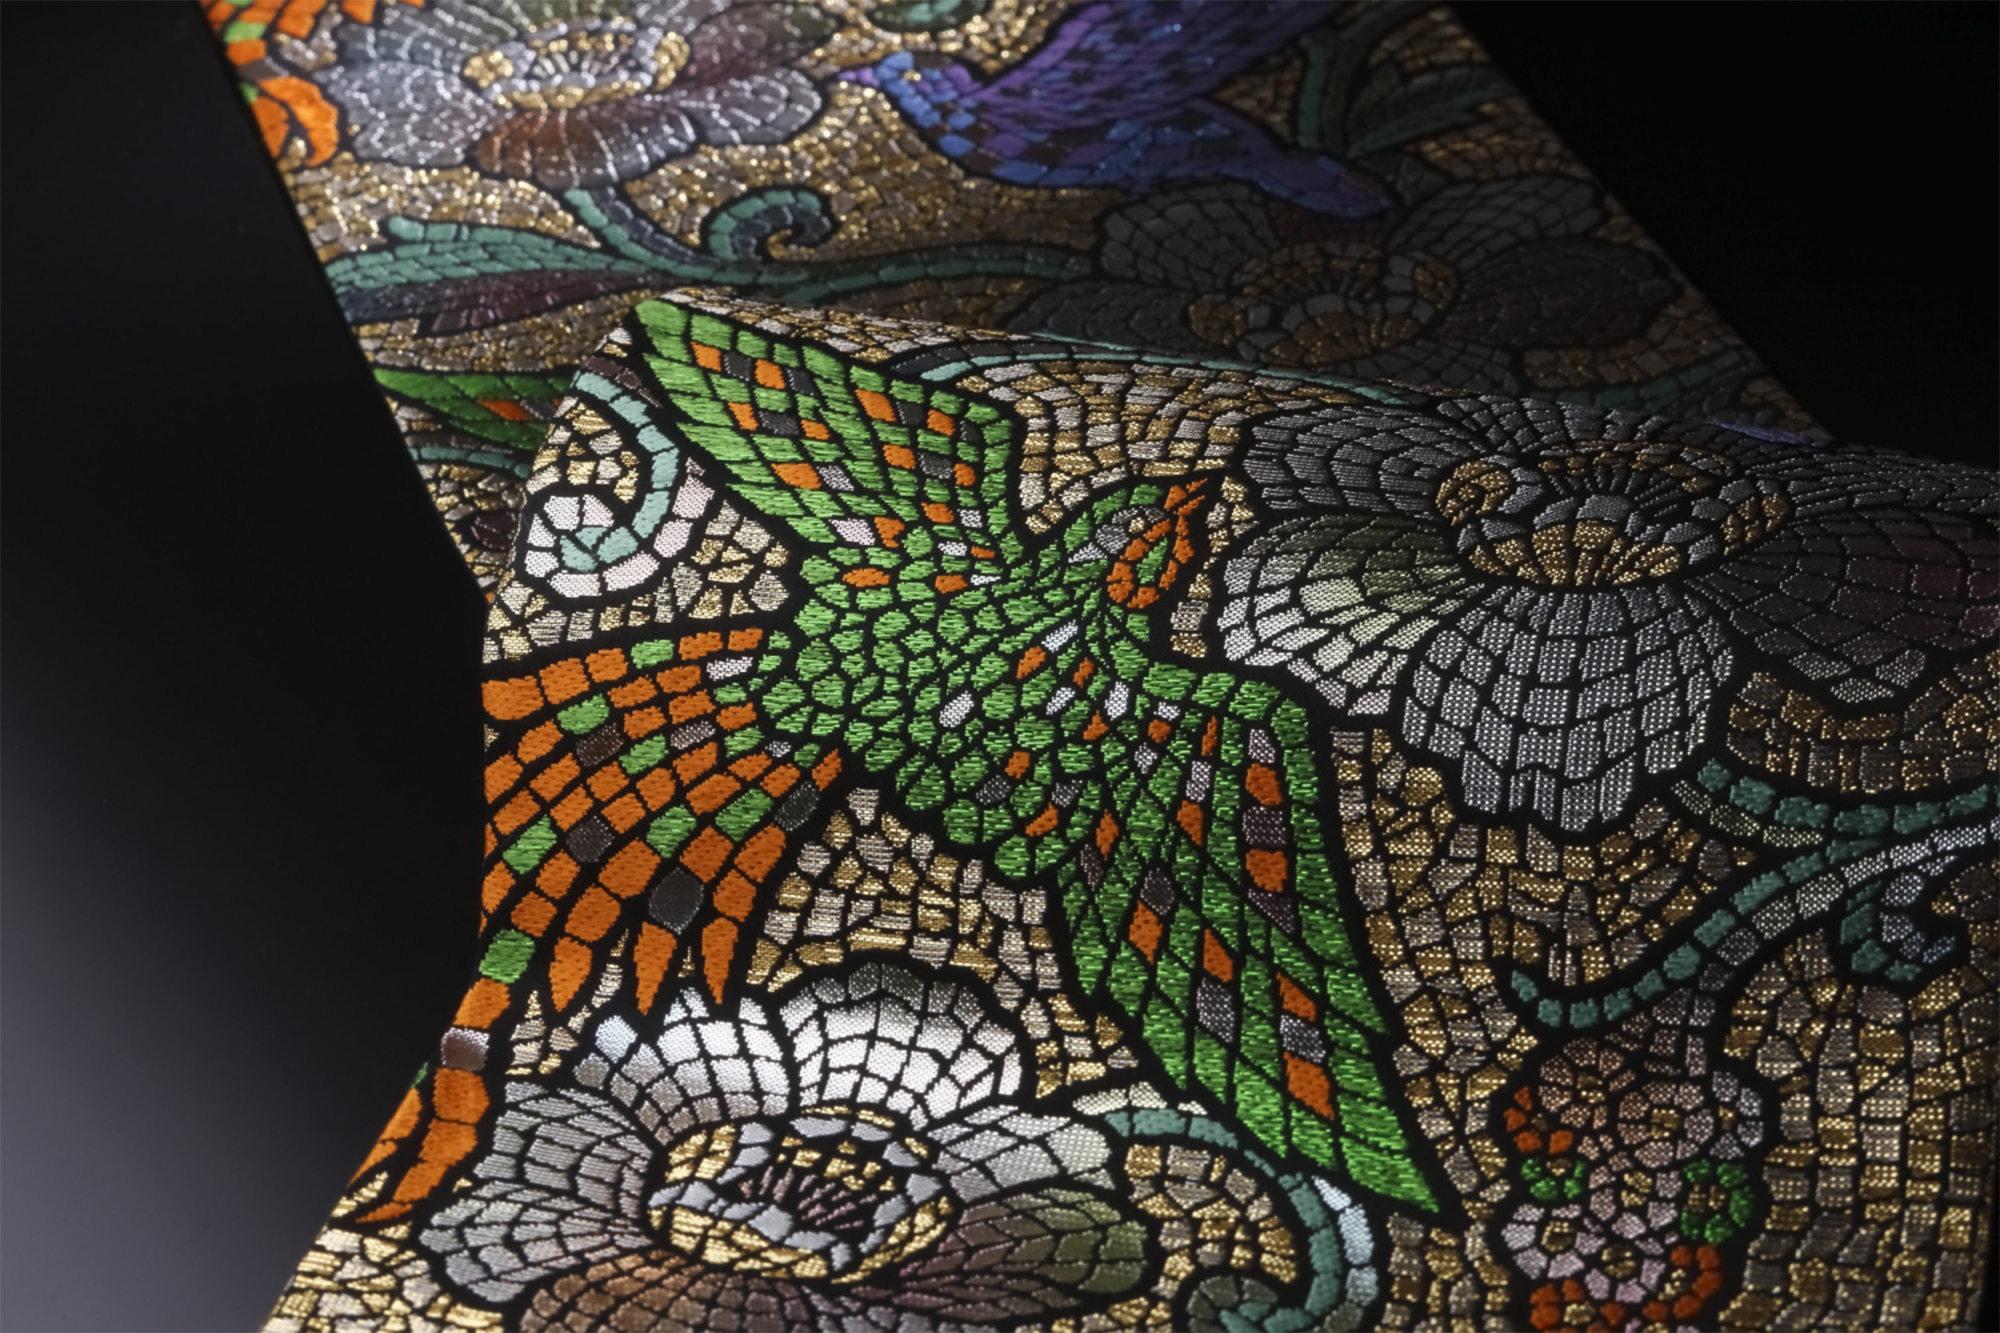 袋帯「モザイク禽華(もざいくきんか)」(龍村美術織物) モザイクのような表現で鳥を表現した袋帯